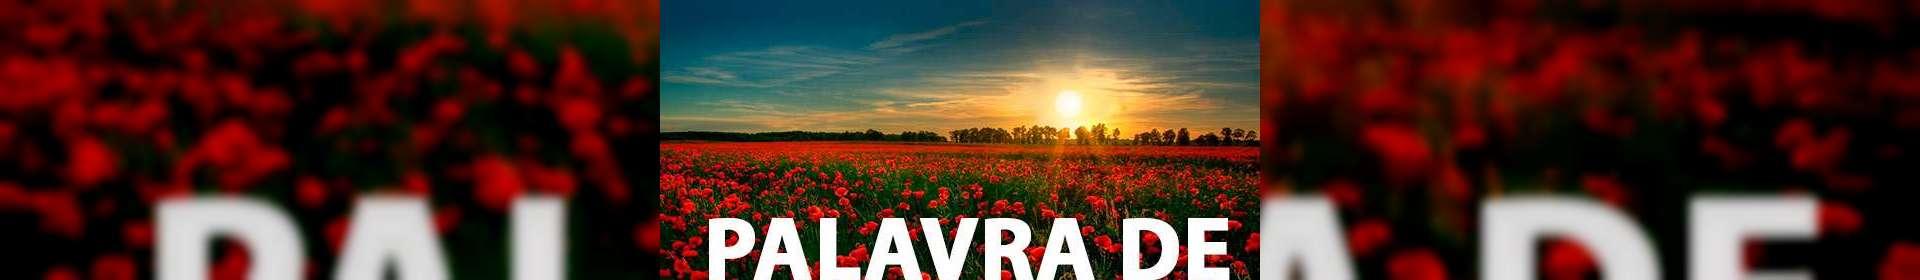 Salmos 5:3 - Uma Palavra de Esperança para sua vida